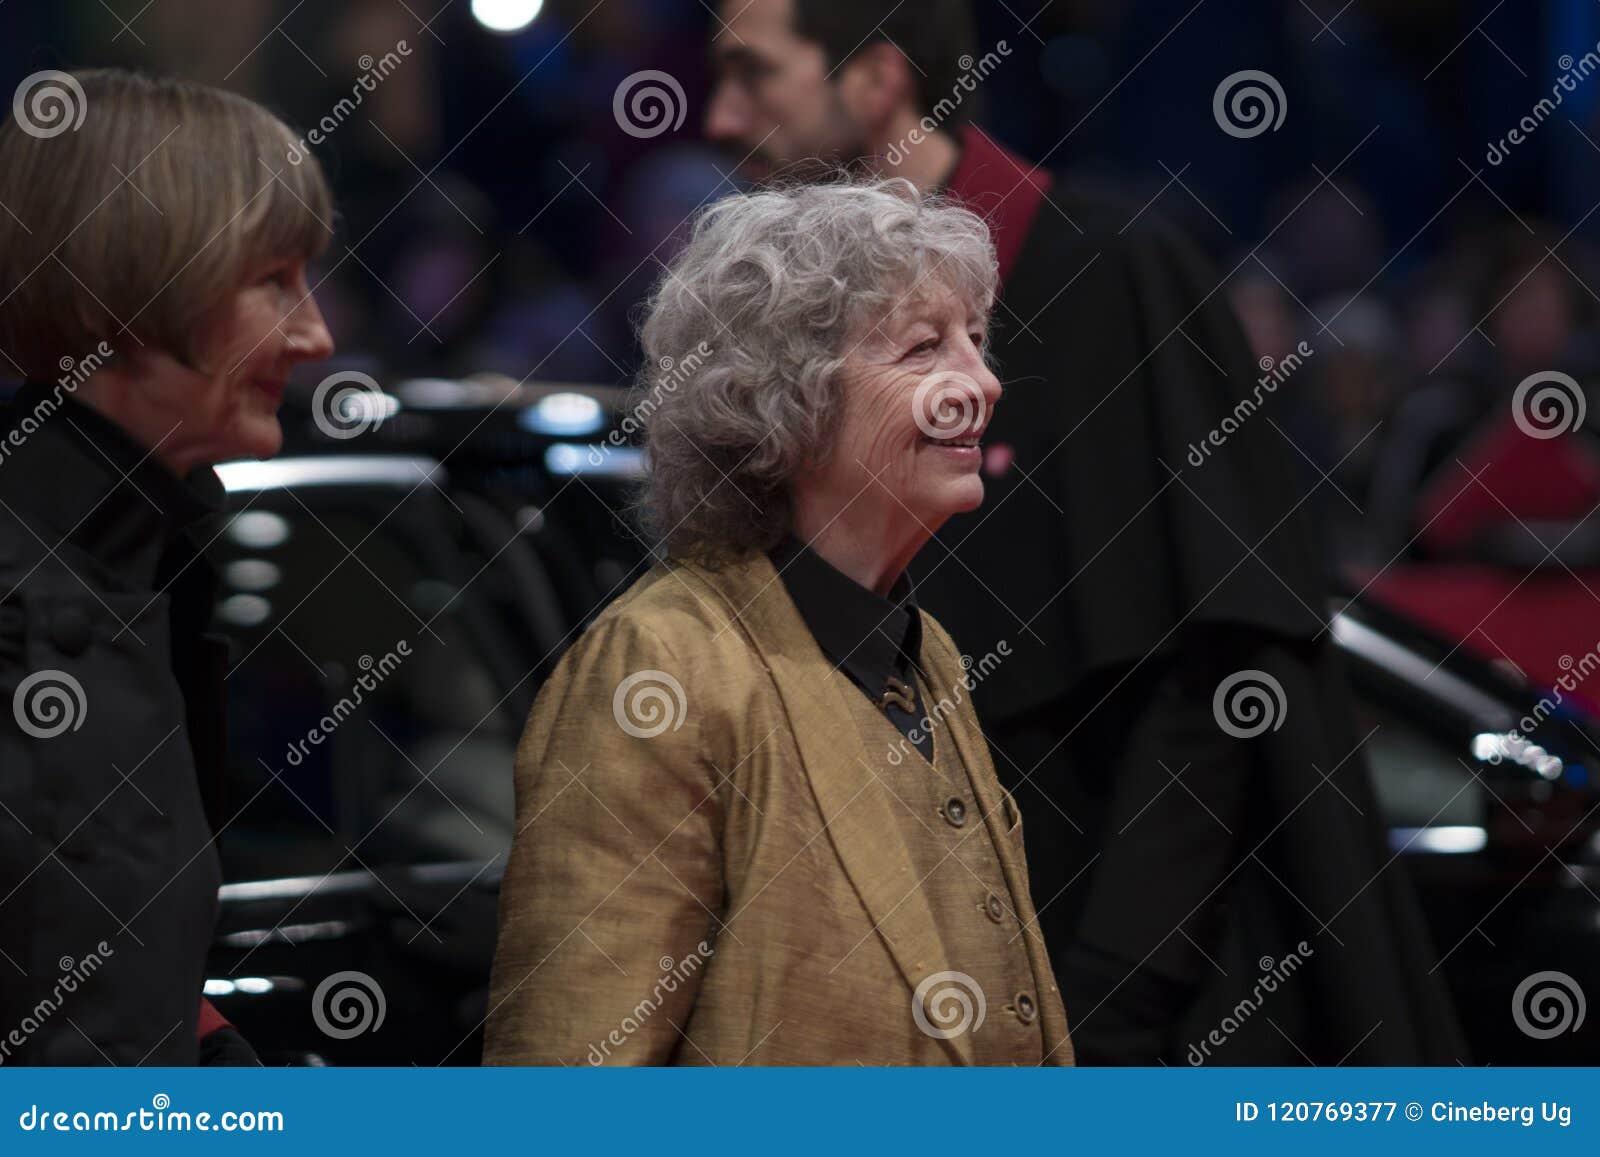 German filmmaker and photographer Ulrike Ottinger